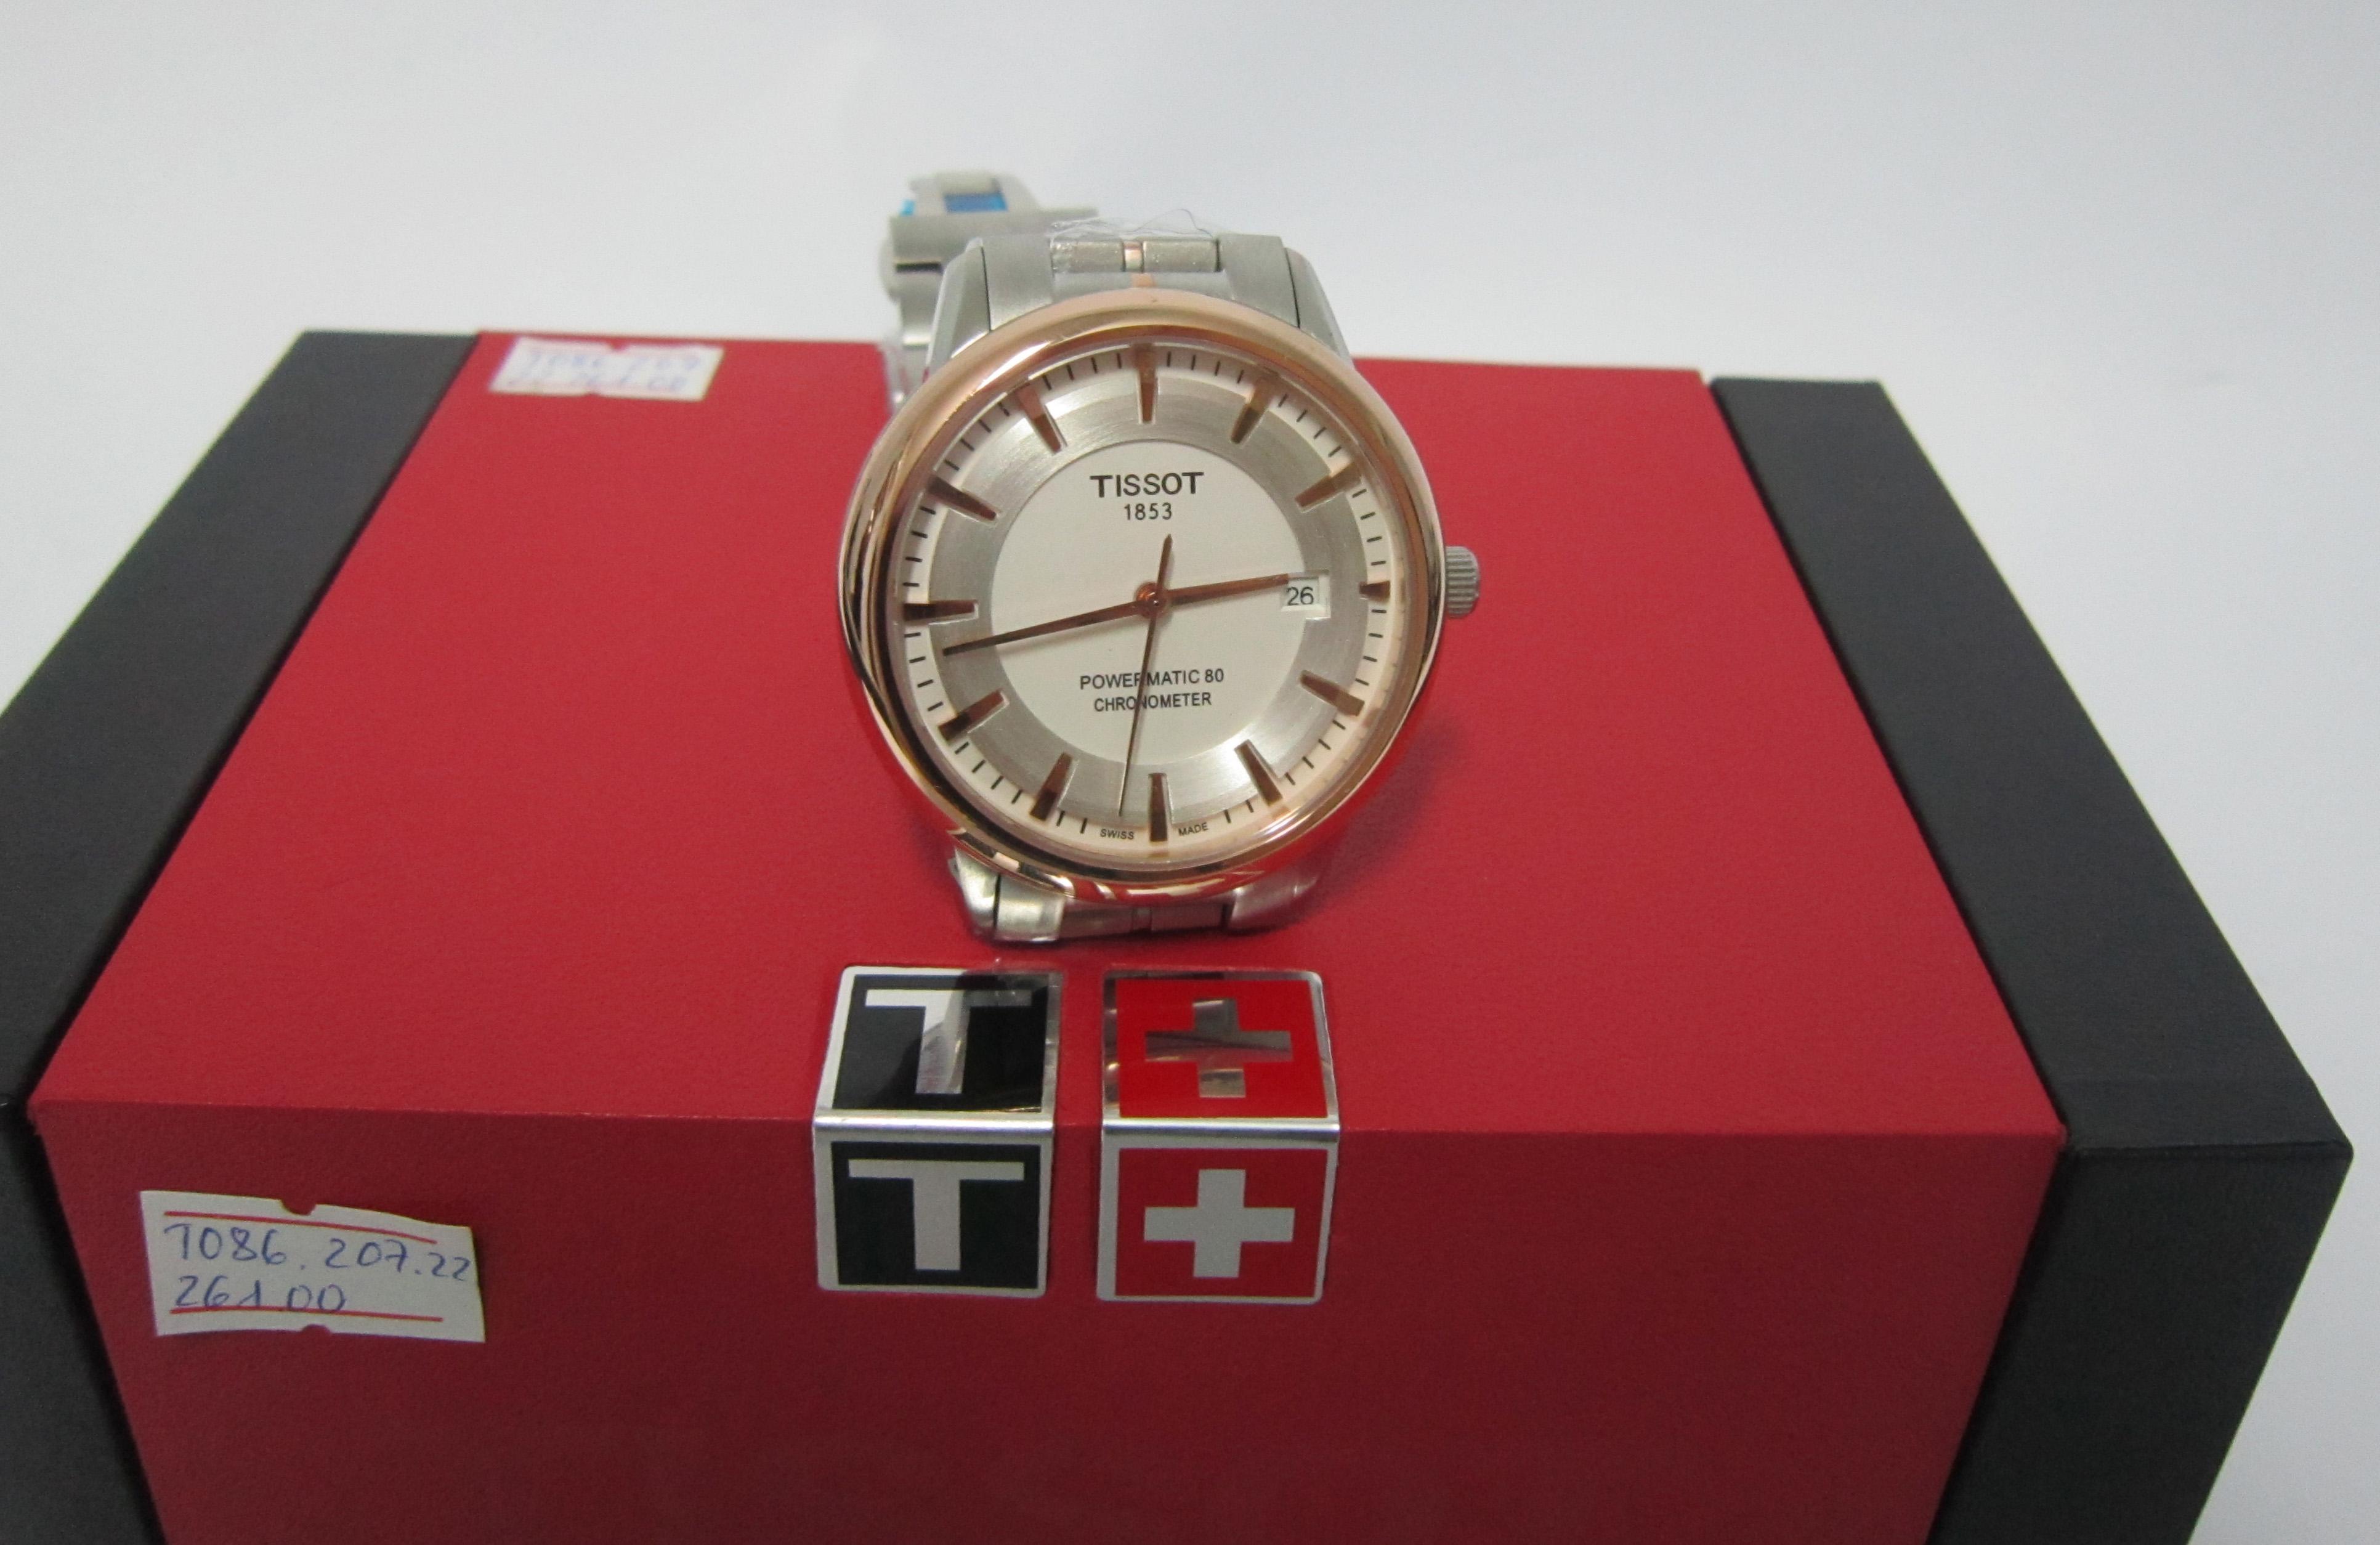 Đồng hồ nam Tissot 1853 T086.207.22.261.00 sành điệu mọi góc cạnh